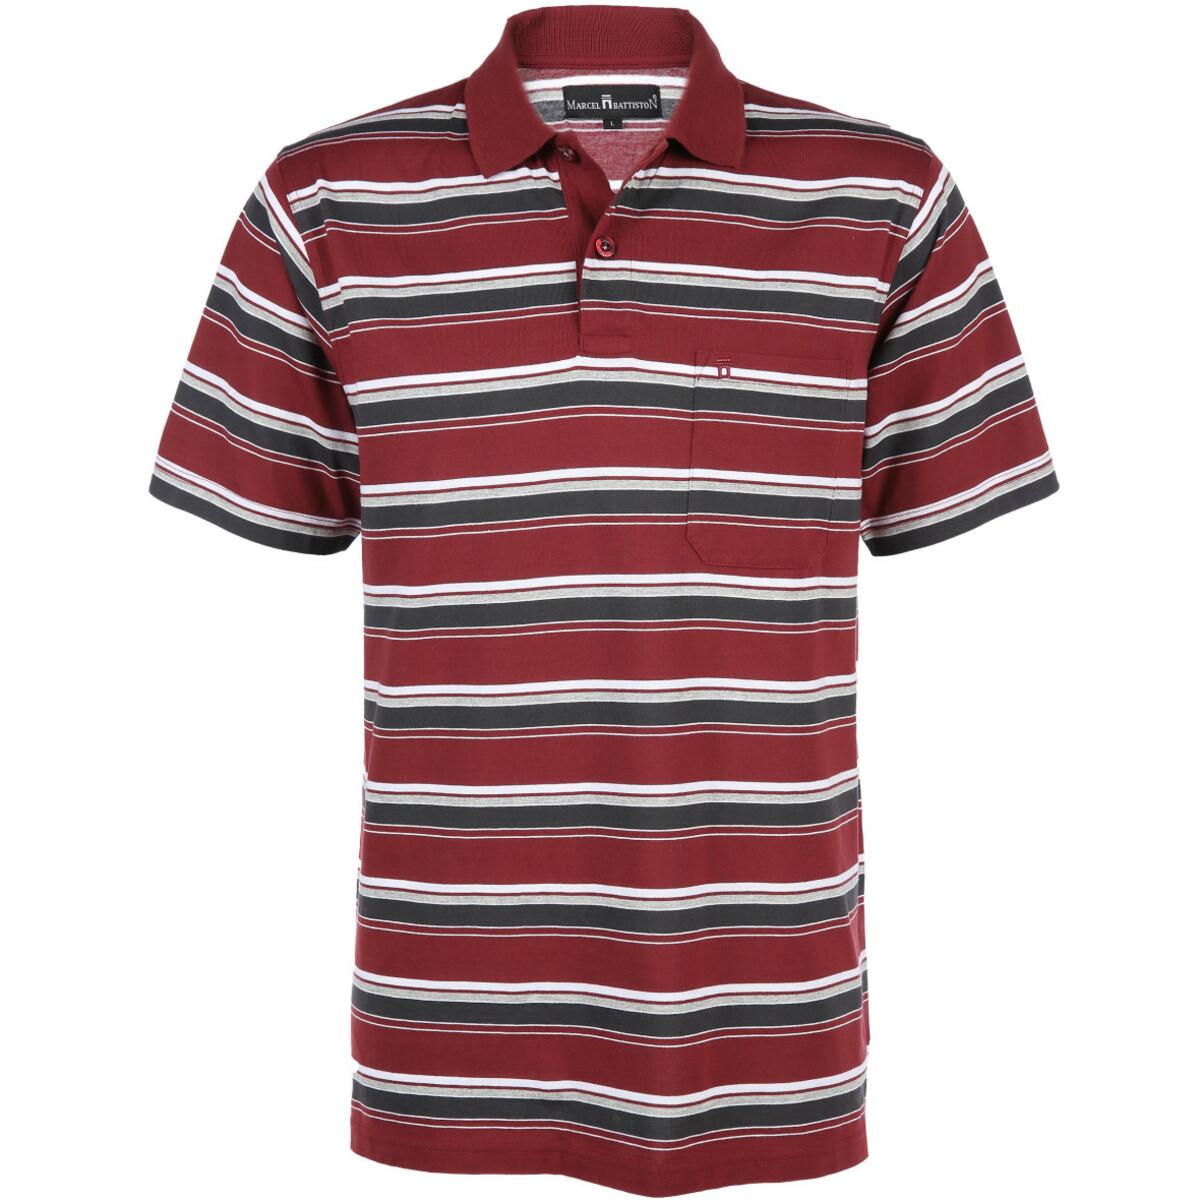 Bild 1 von Herren Poloshirt in Streifen Optik